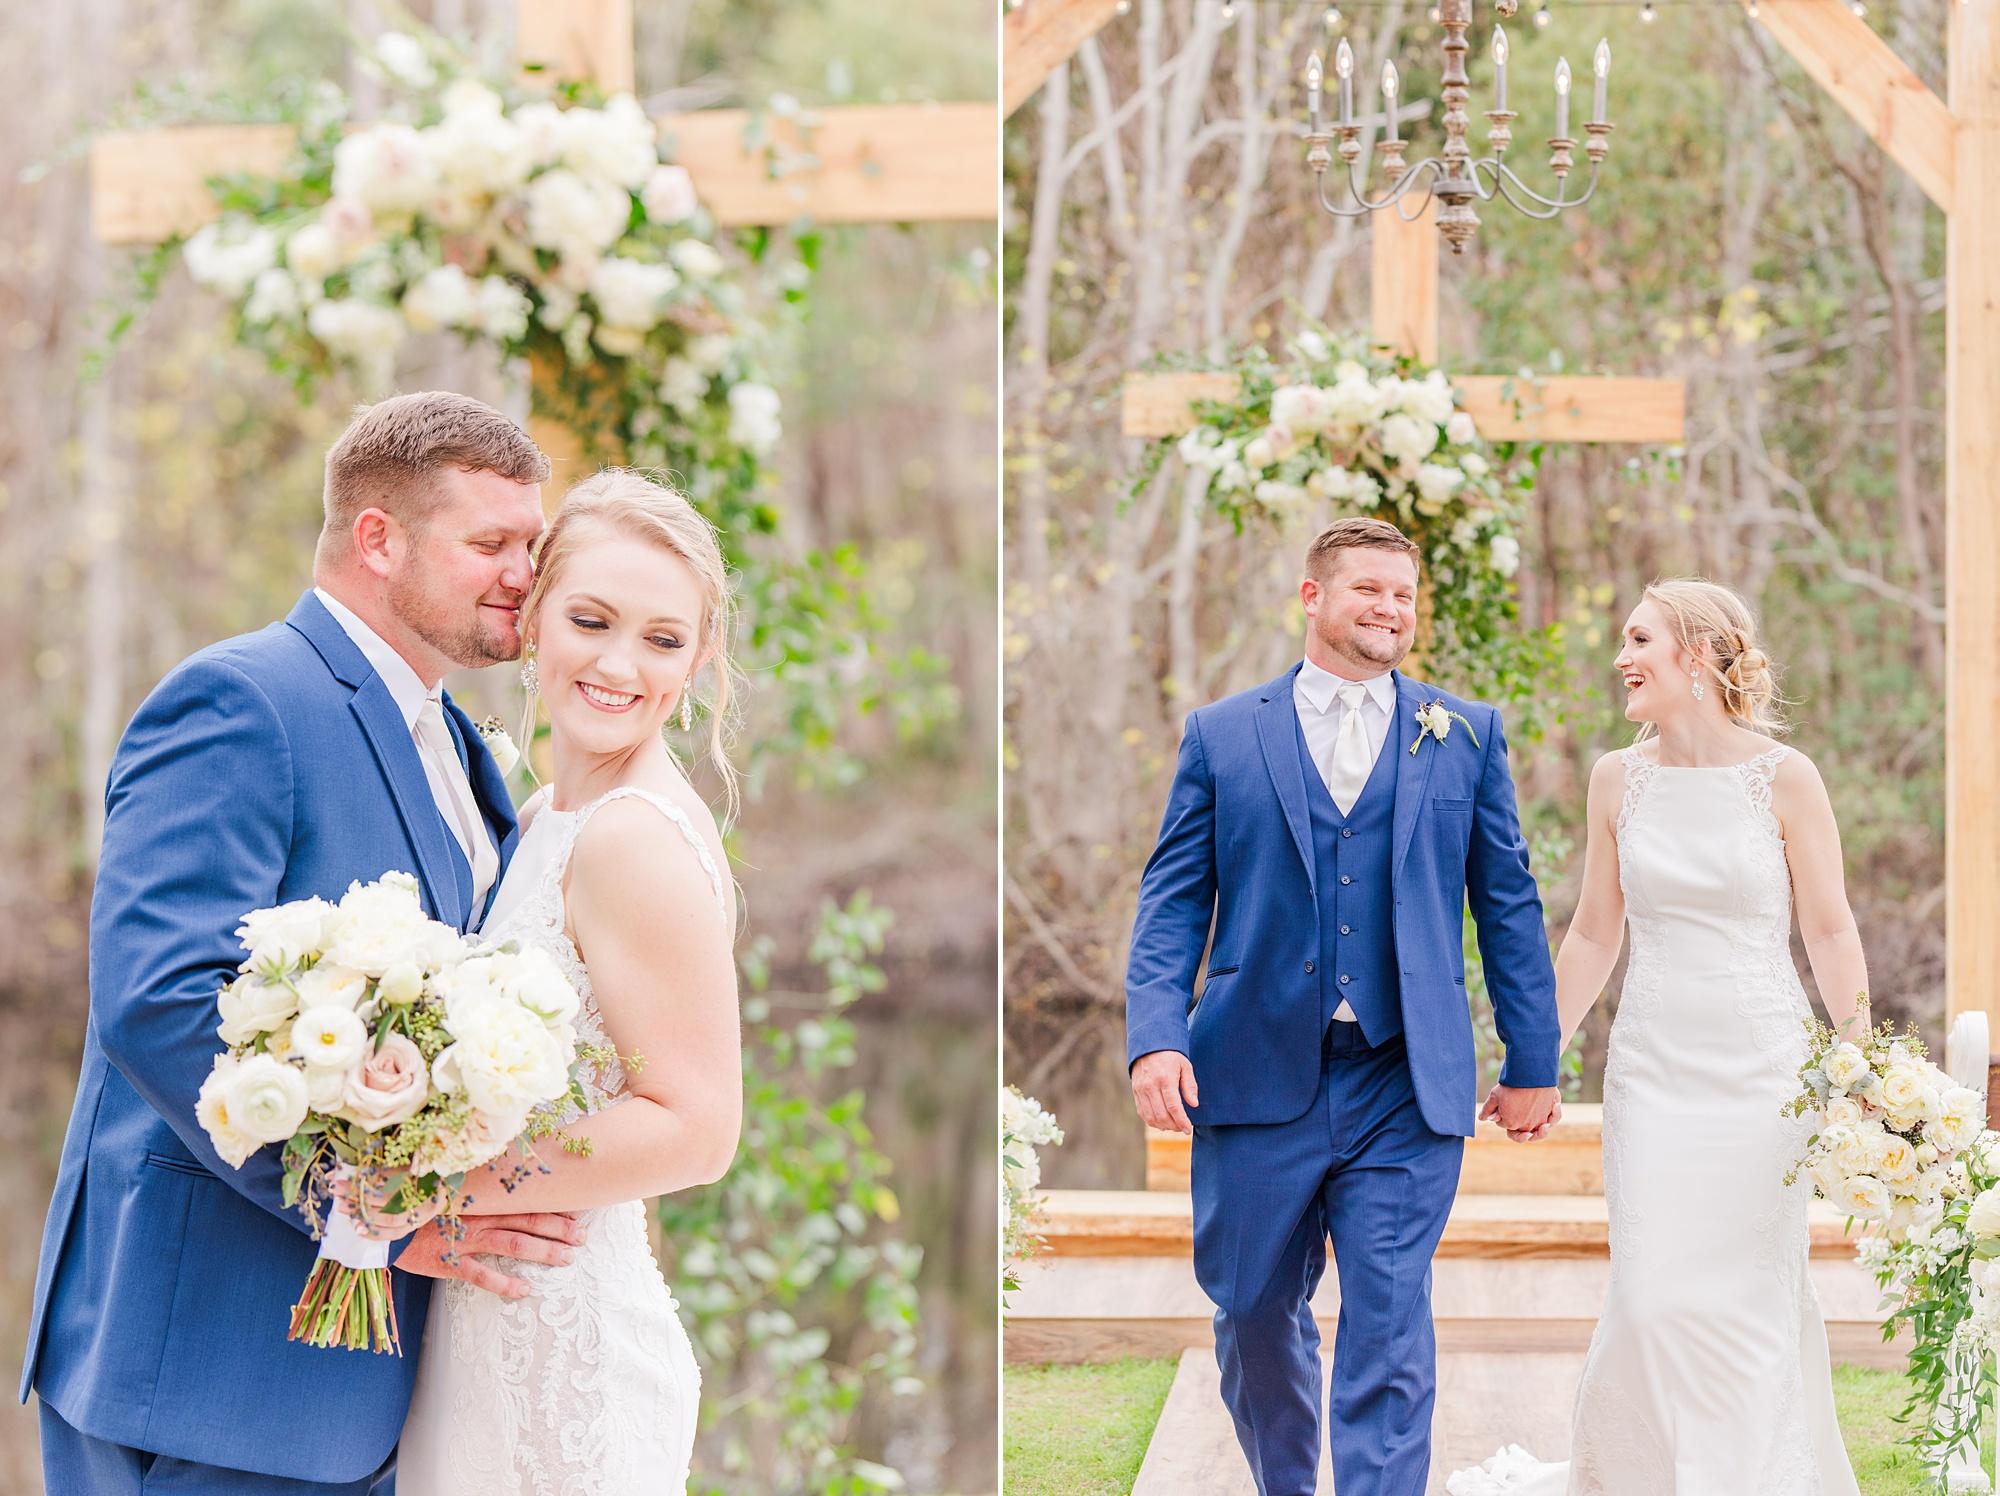 bride and groom walk down aisle in Magnolia Springs